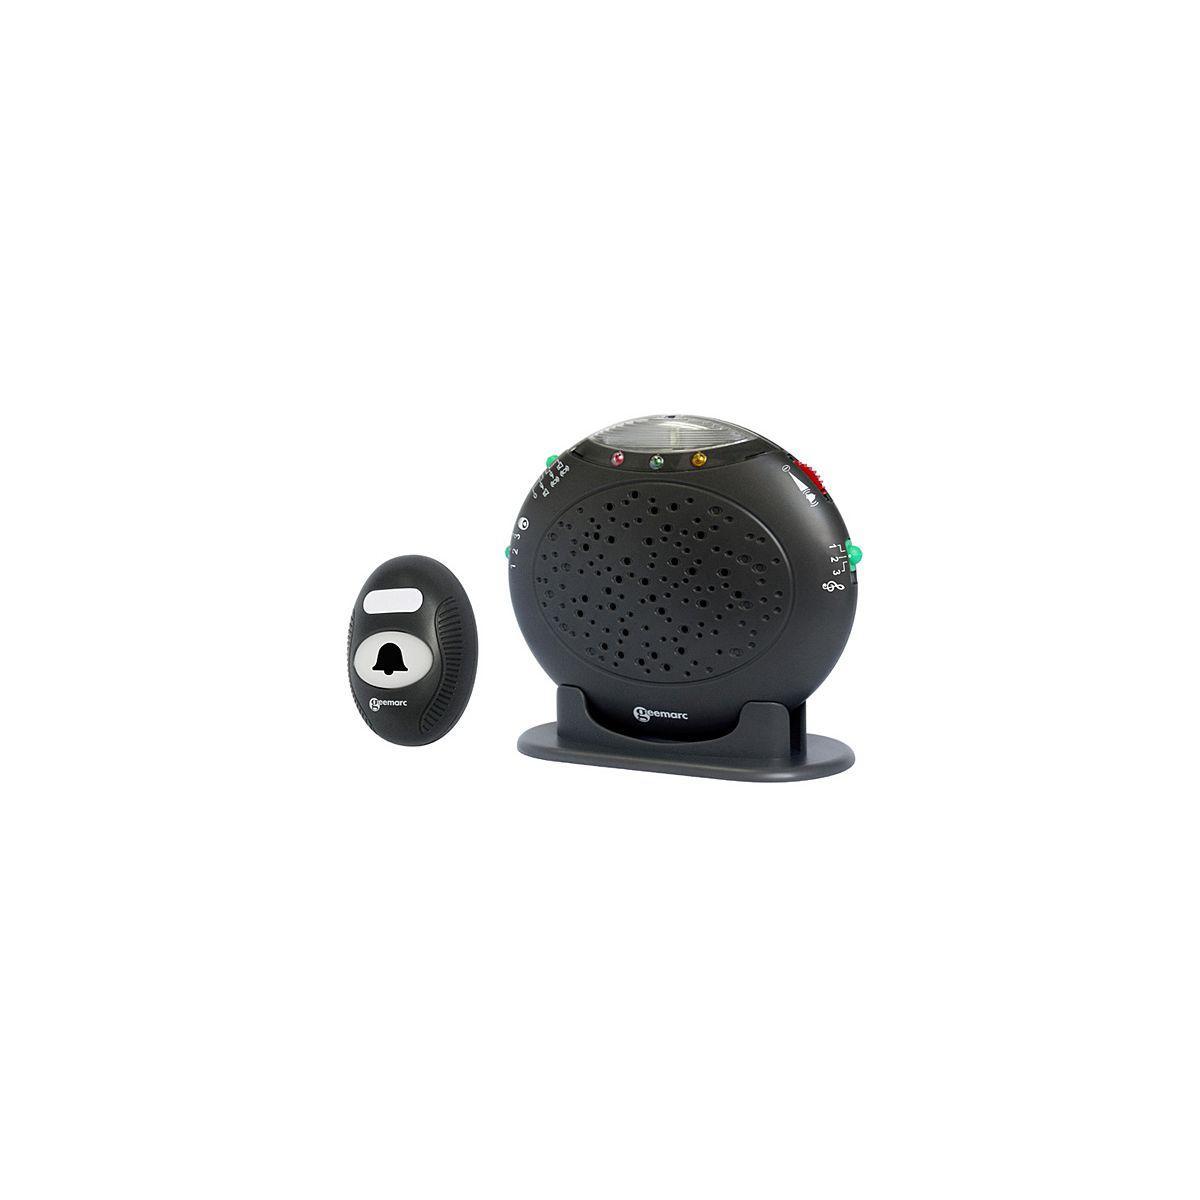 Accessoire aide auditive geemarc amplicall 20 noir - 7% de remise imm�diate avec le code : automne7 (photo)